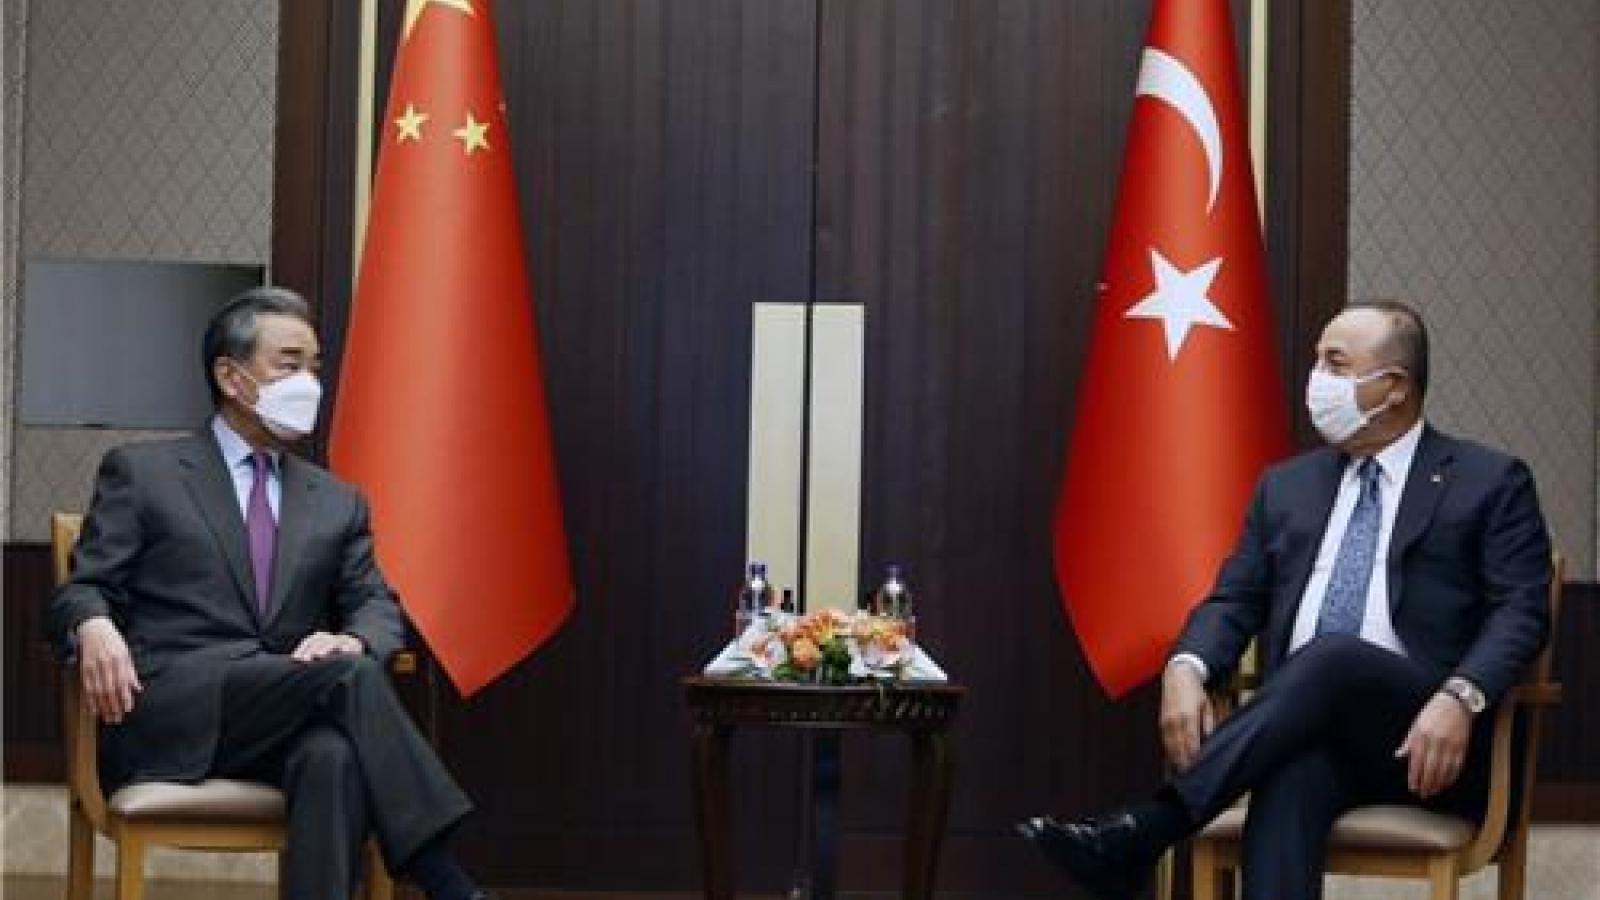 Trung Quốc tranh thủ sự ủng hộ của Thổ Nhĩ Kỳ trong vấn đề Tân Cương